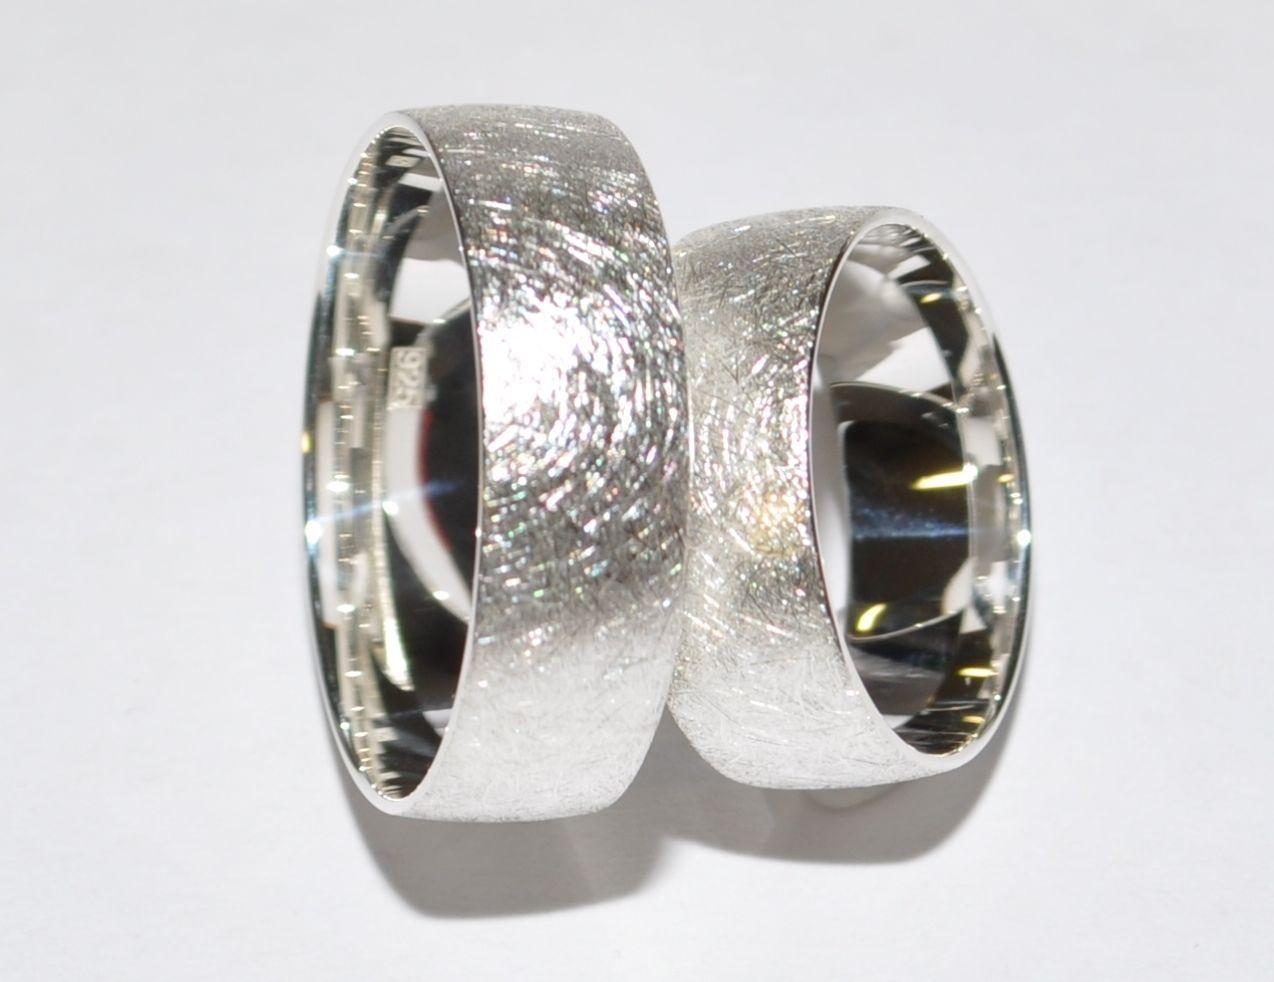 925 Silber Trauringe Eheringe Hochzeitsringe - Paarpreis - Breite 7mm ...